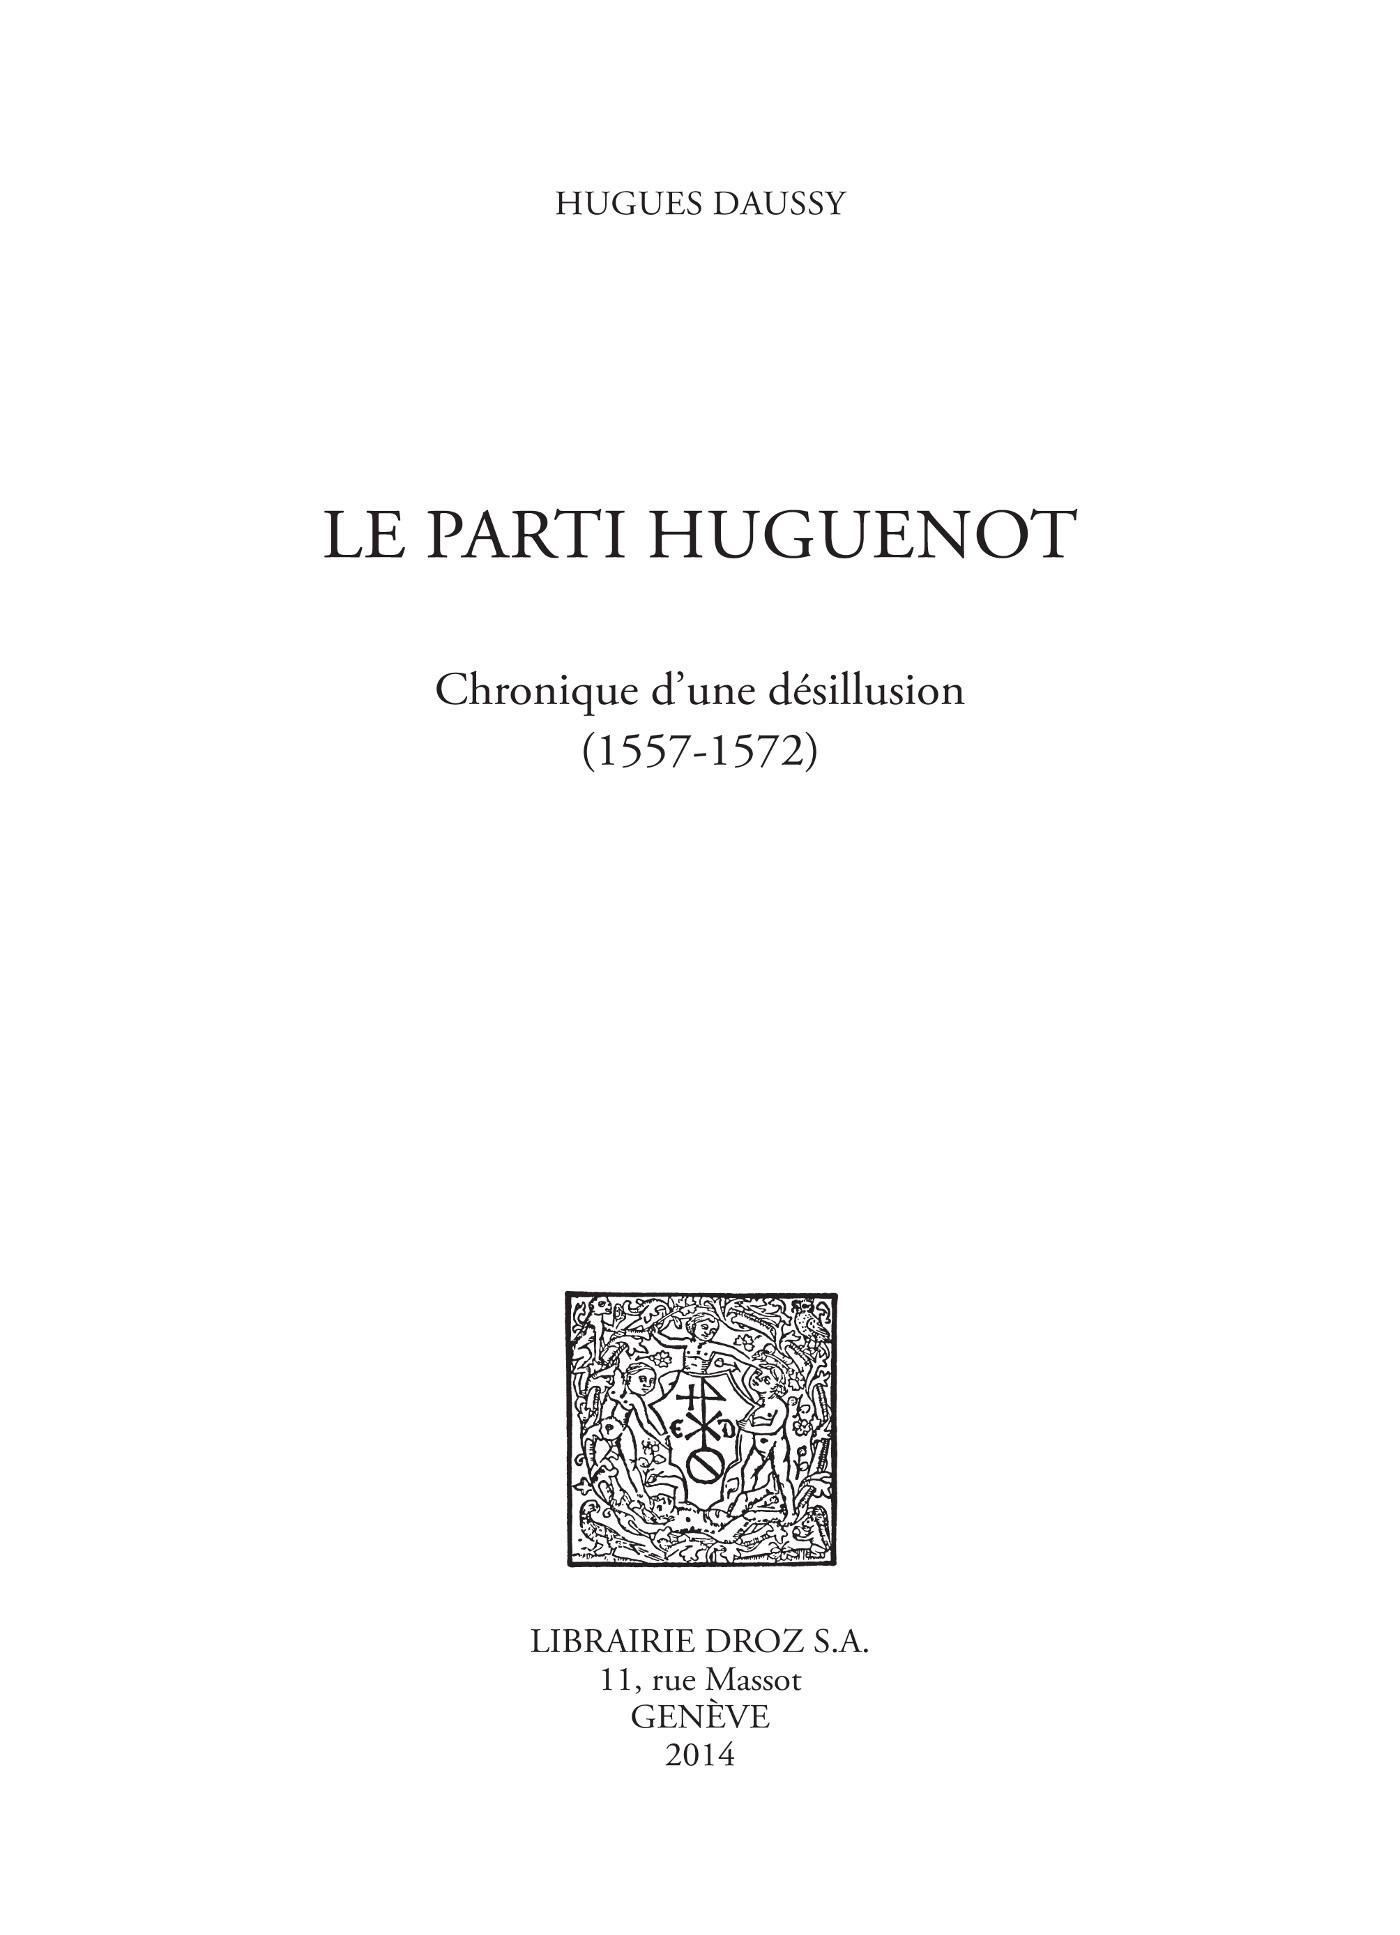 le parti huguenot (1557-1572)